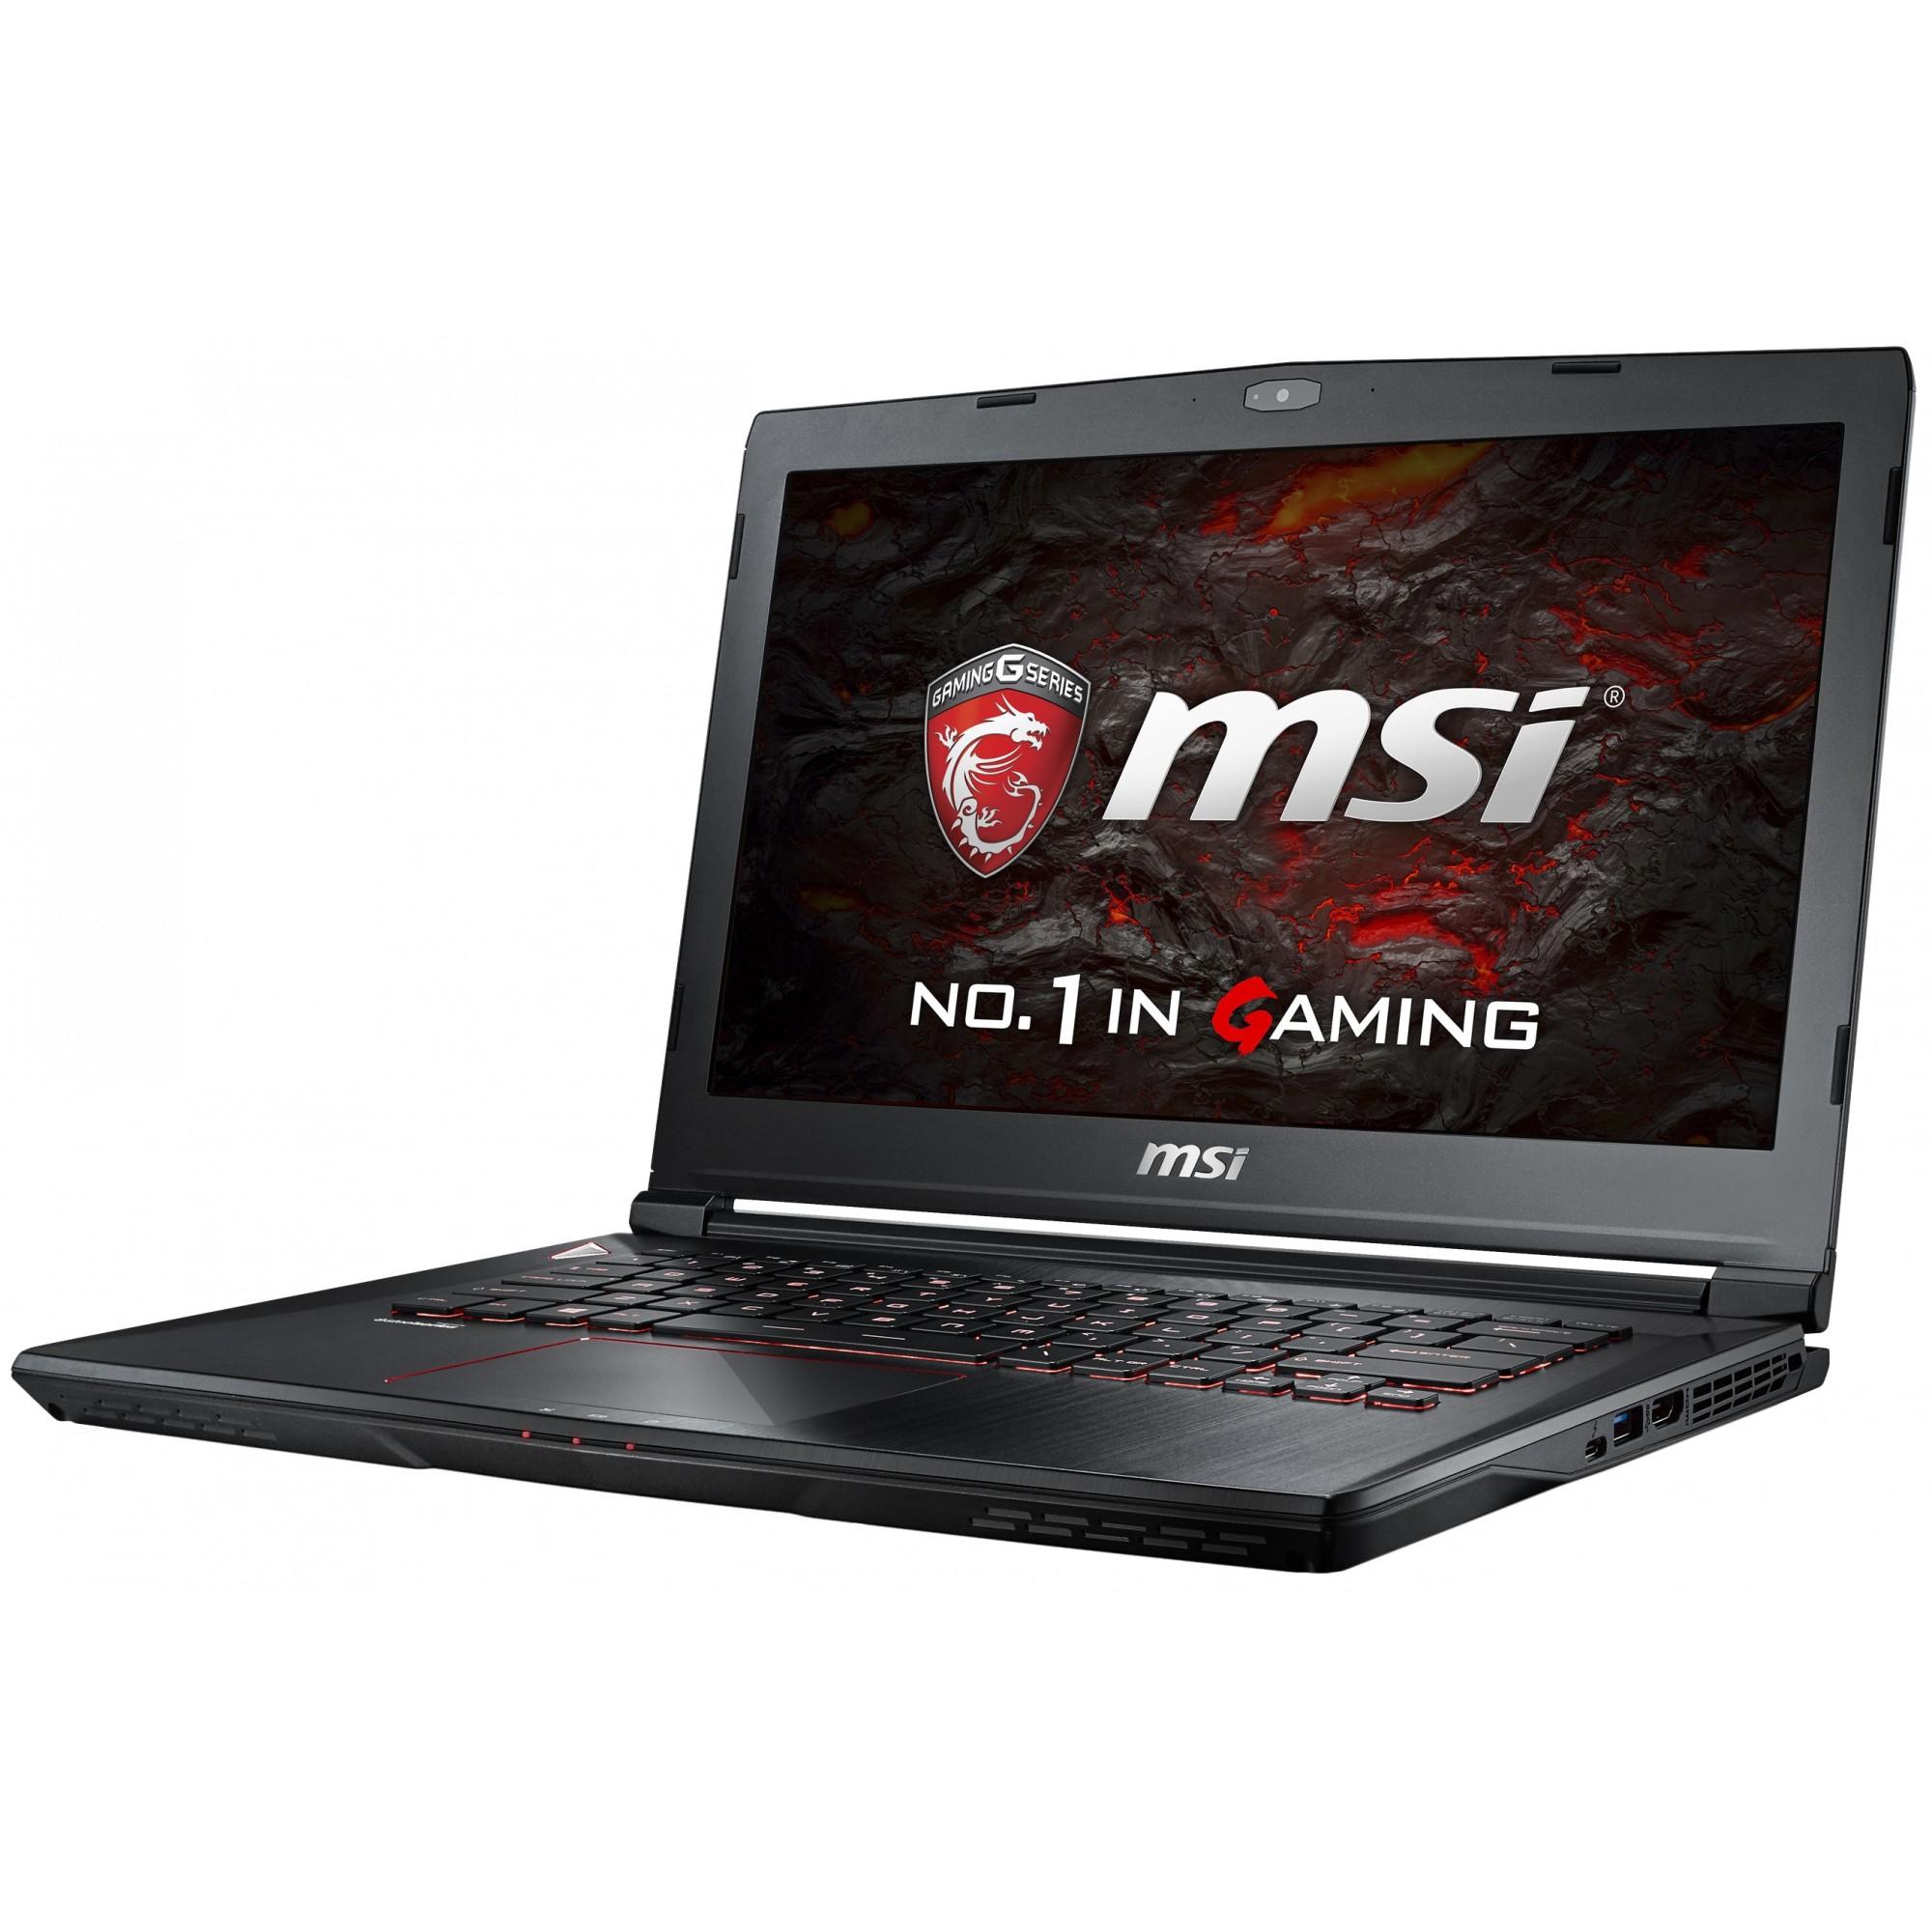 Ноутбуки с большой емкостью аккумулятора: ищем лэптоп с долгим сроком автономной работы